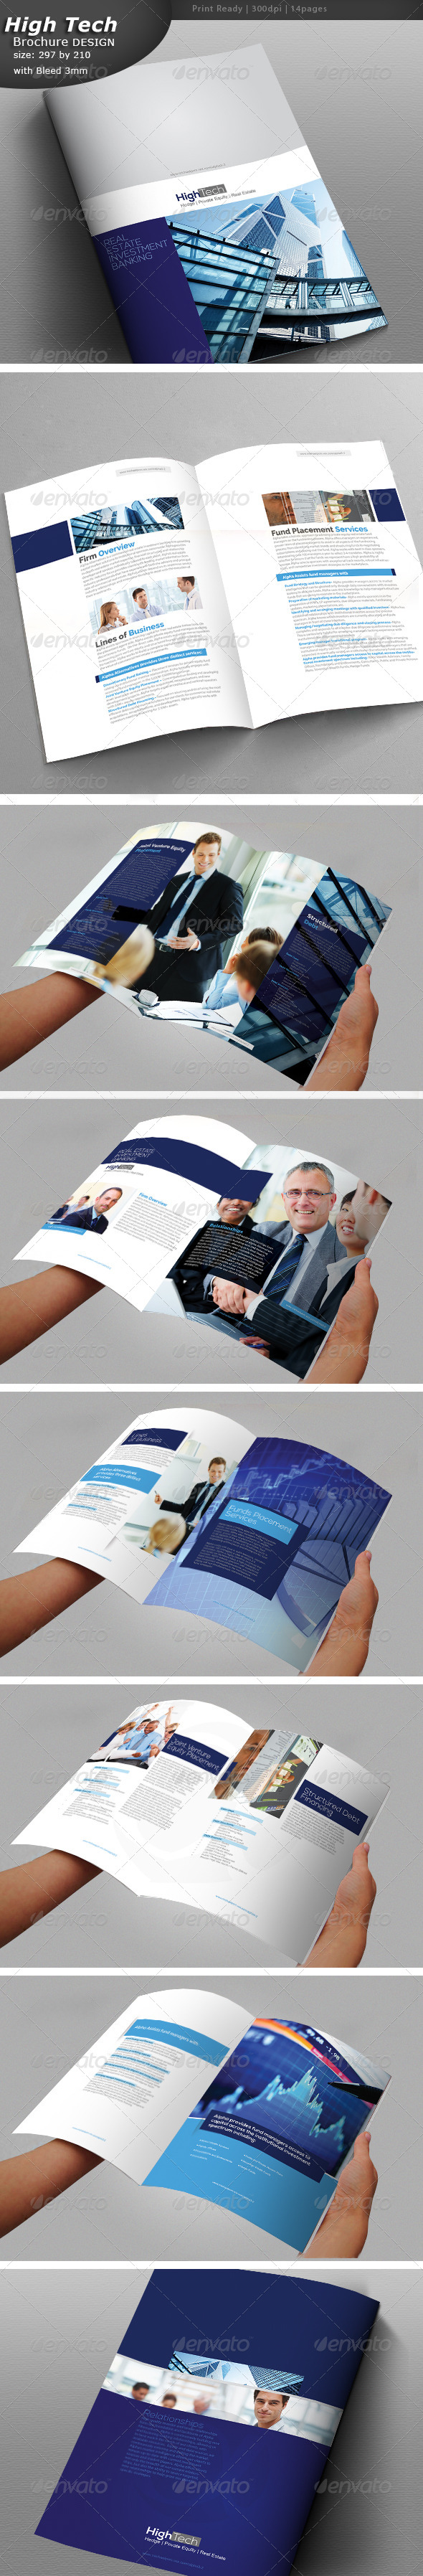 GraphicRiver Corporate Brochure Design 7190408